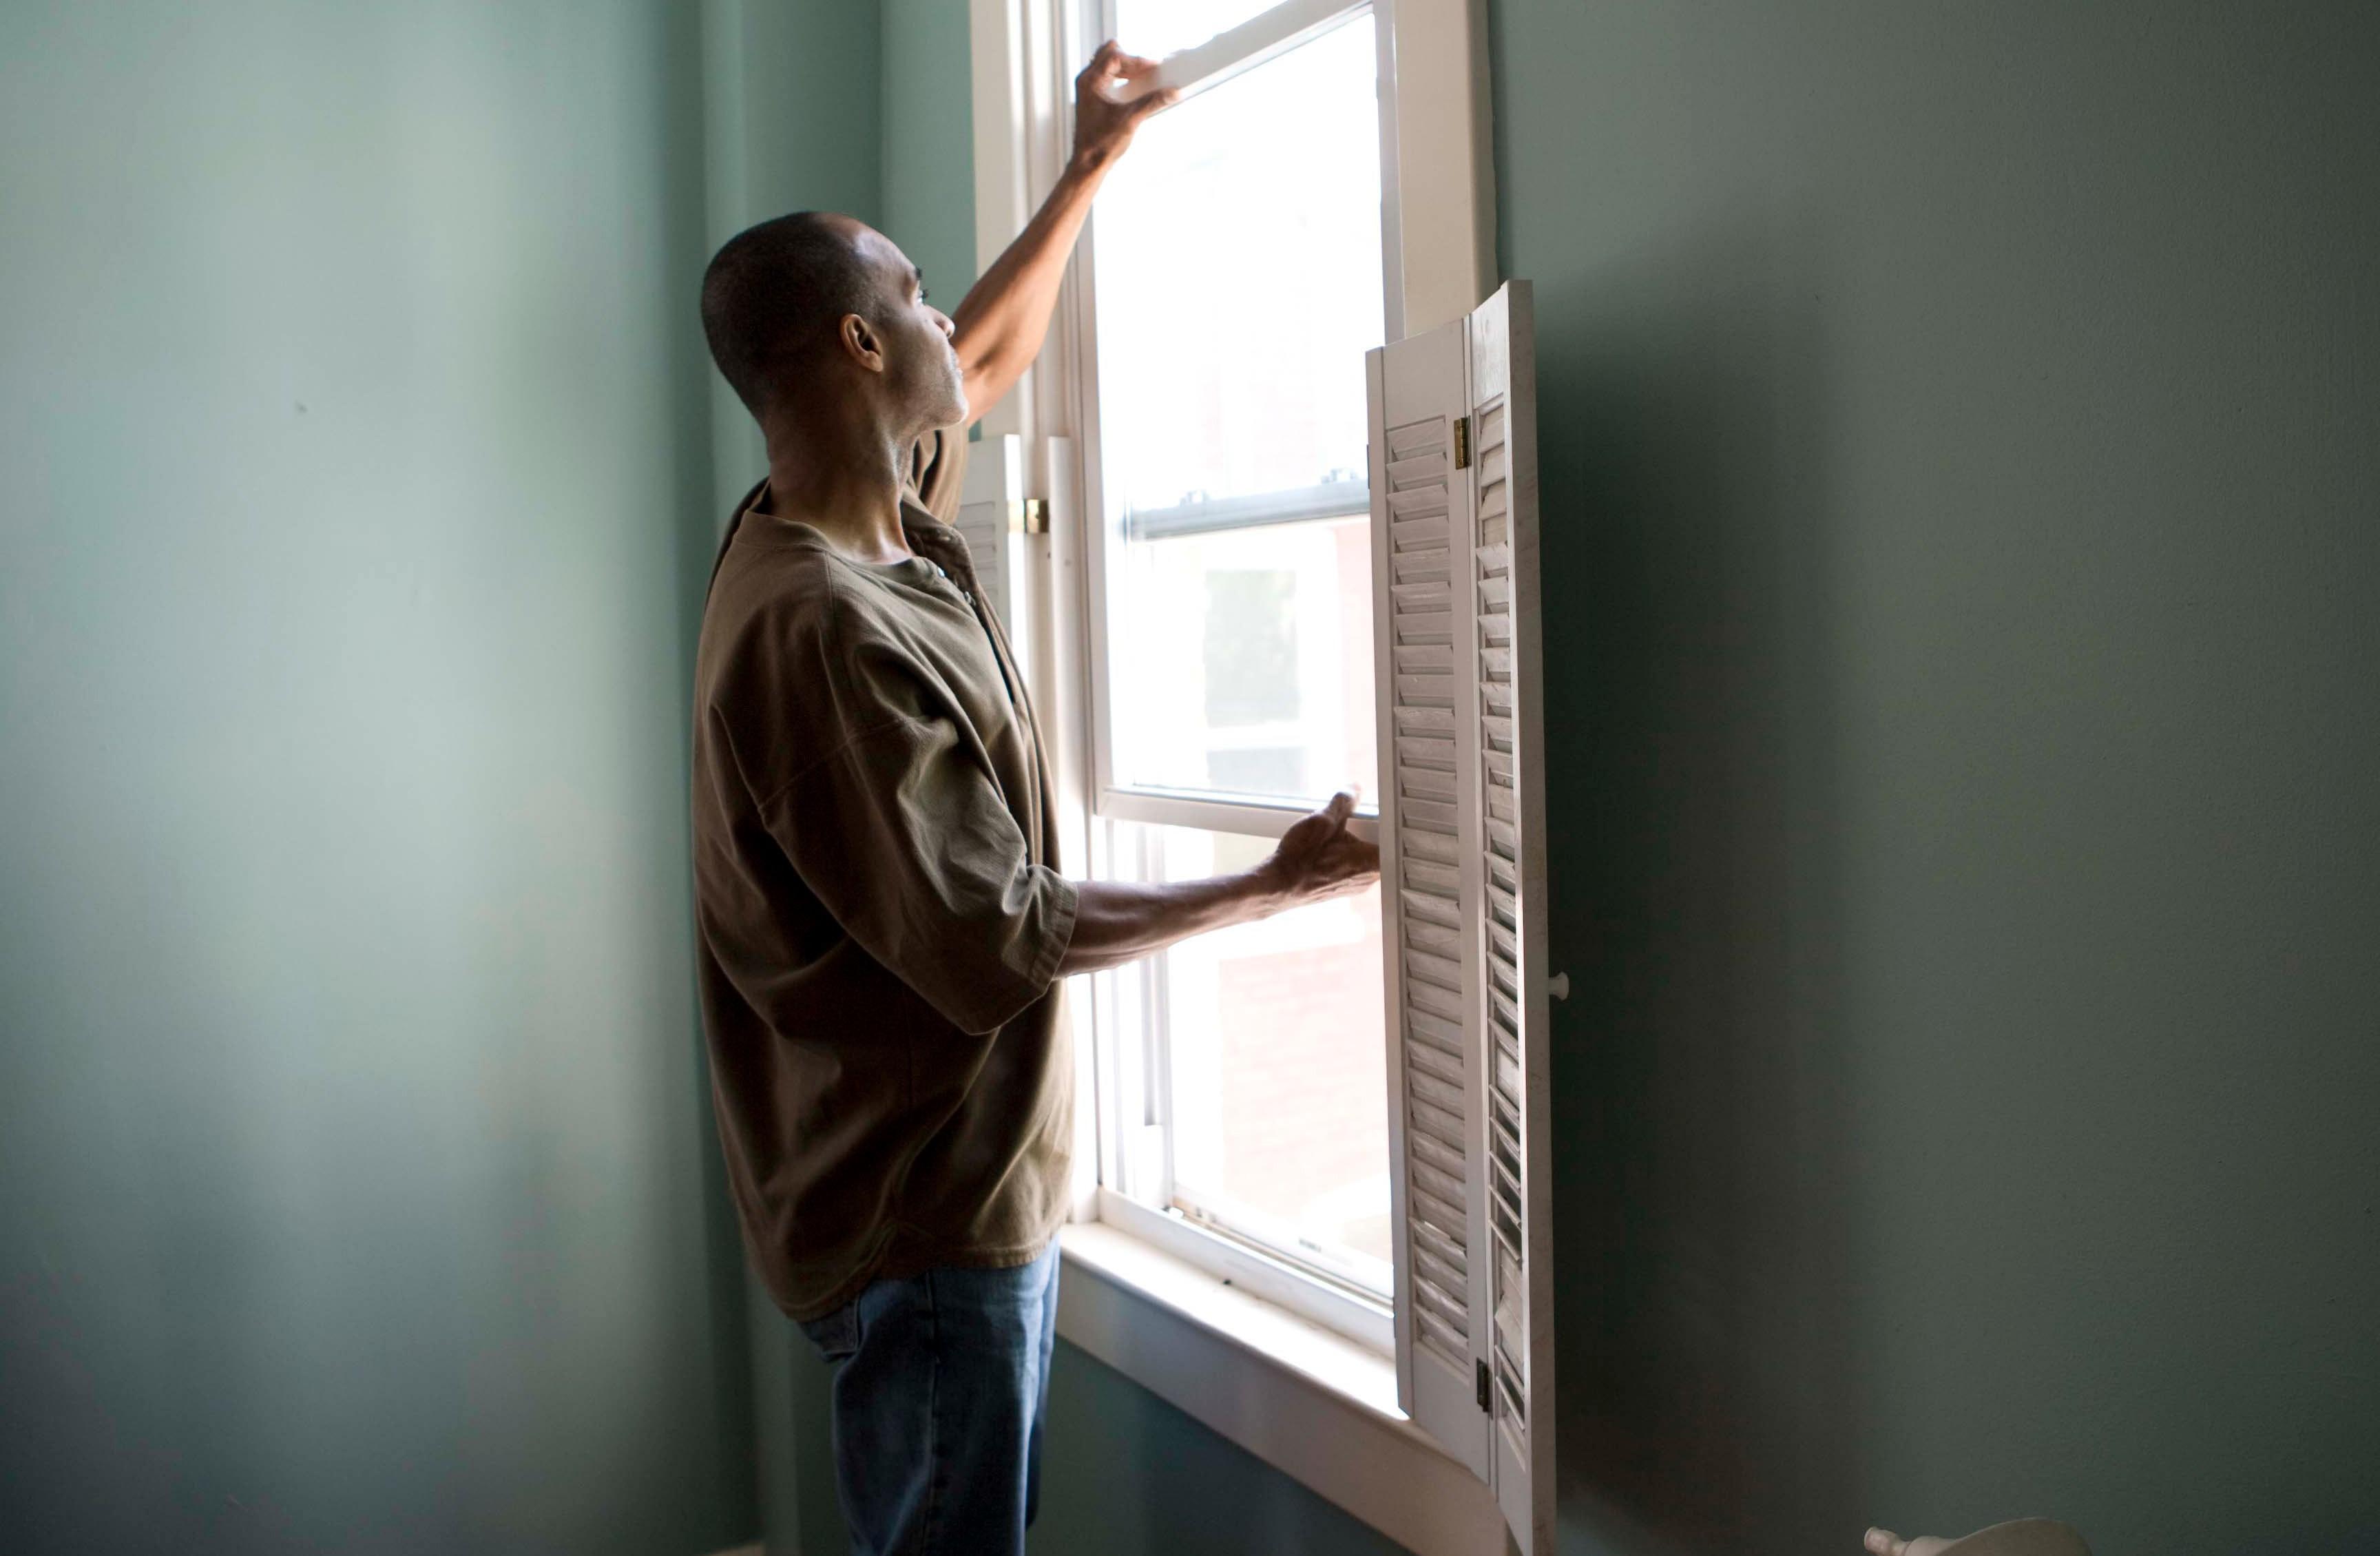 Ventilar os ambientes é muito importante para evitar o risco de transmissão aérea